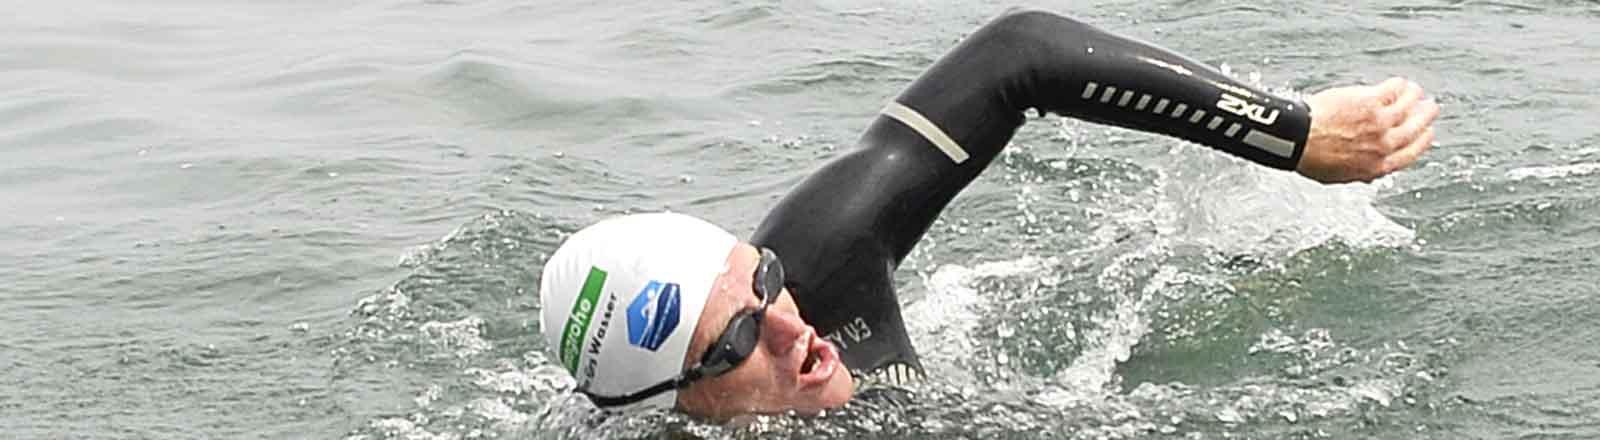 Andreas Fath, Chemie-Professor aus Furtwangen, schwimmt am 02.08.2014 nahe Konstanz (Baden-Württemberg) im Bodensee.